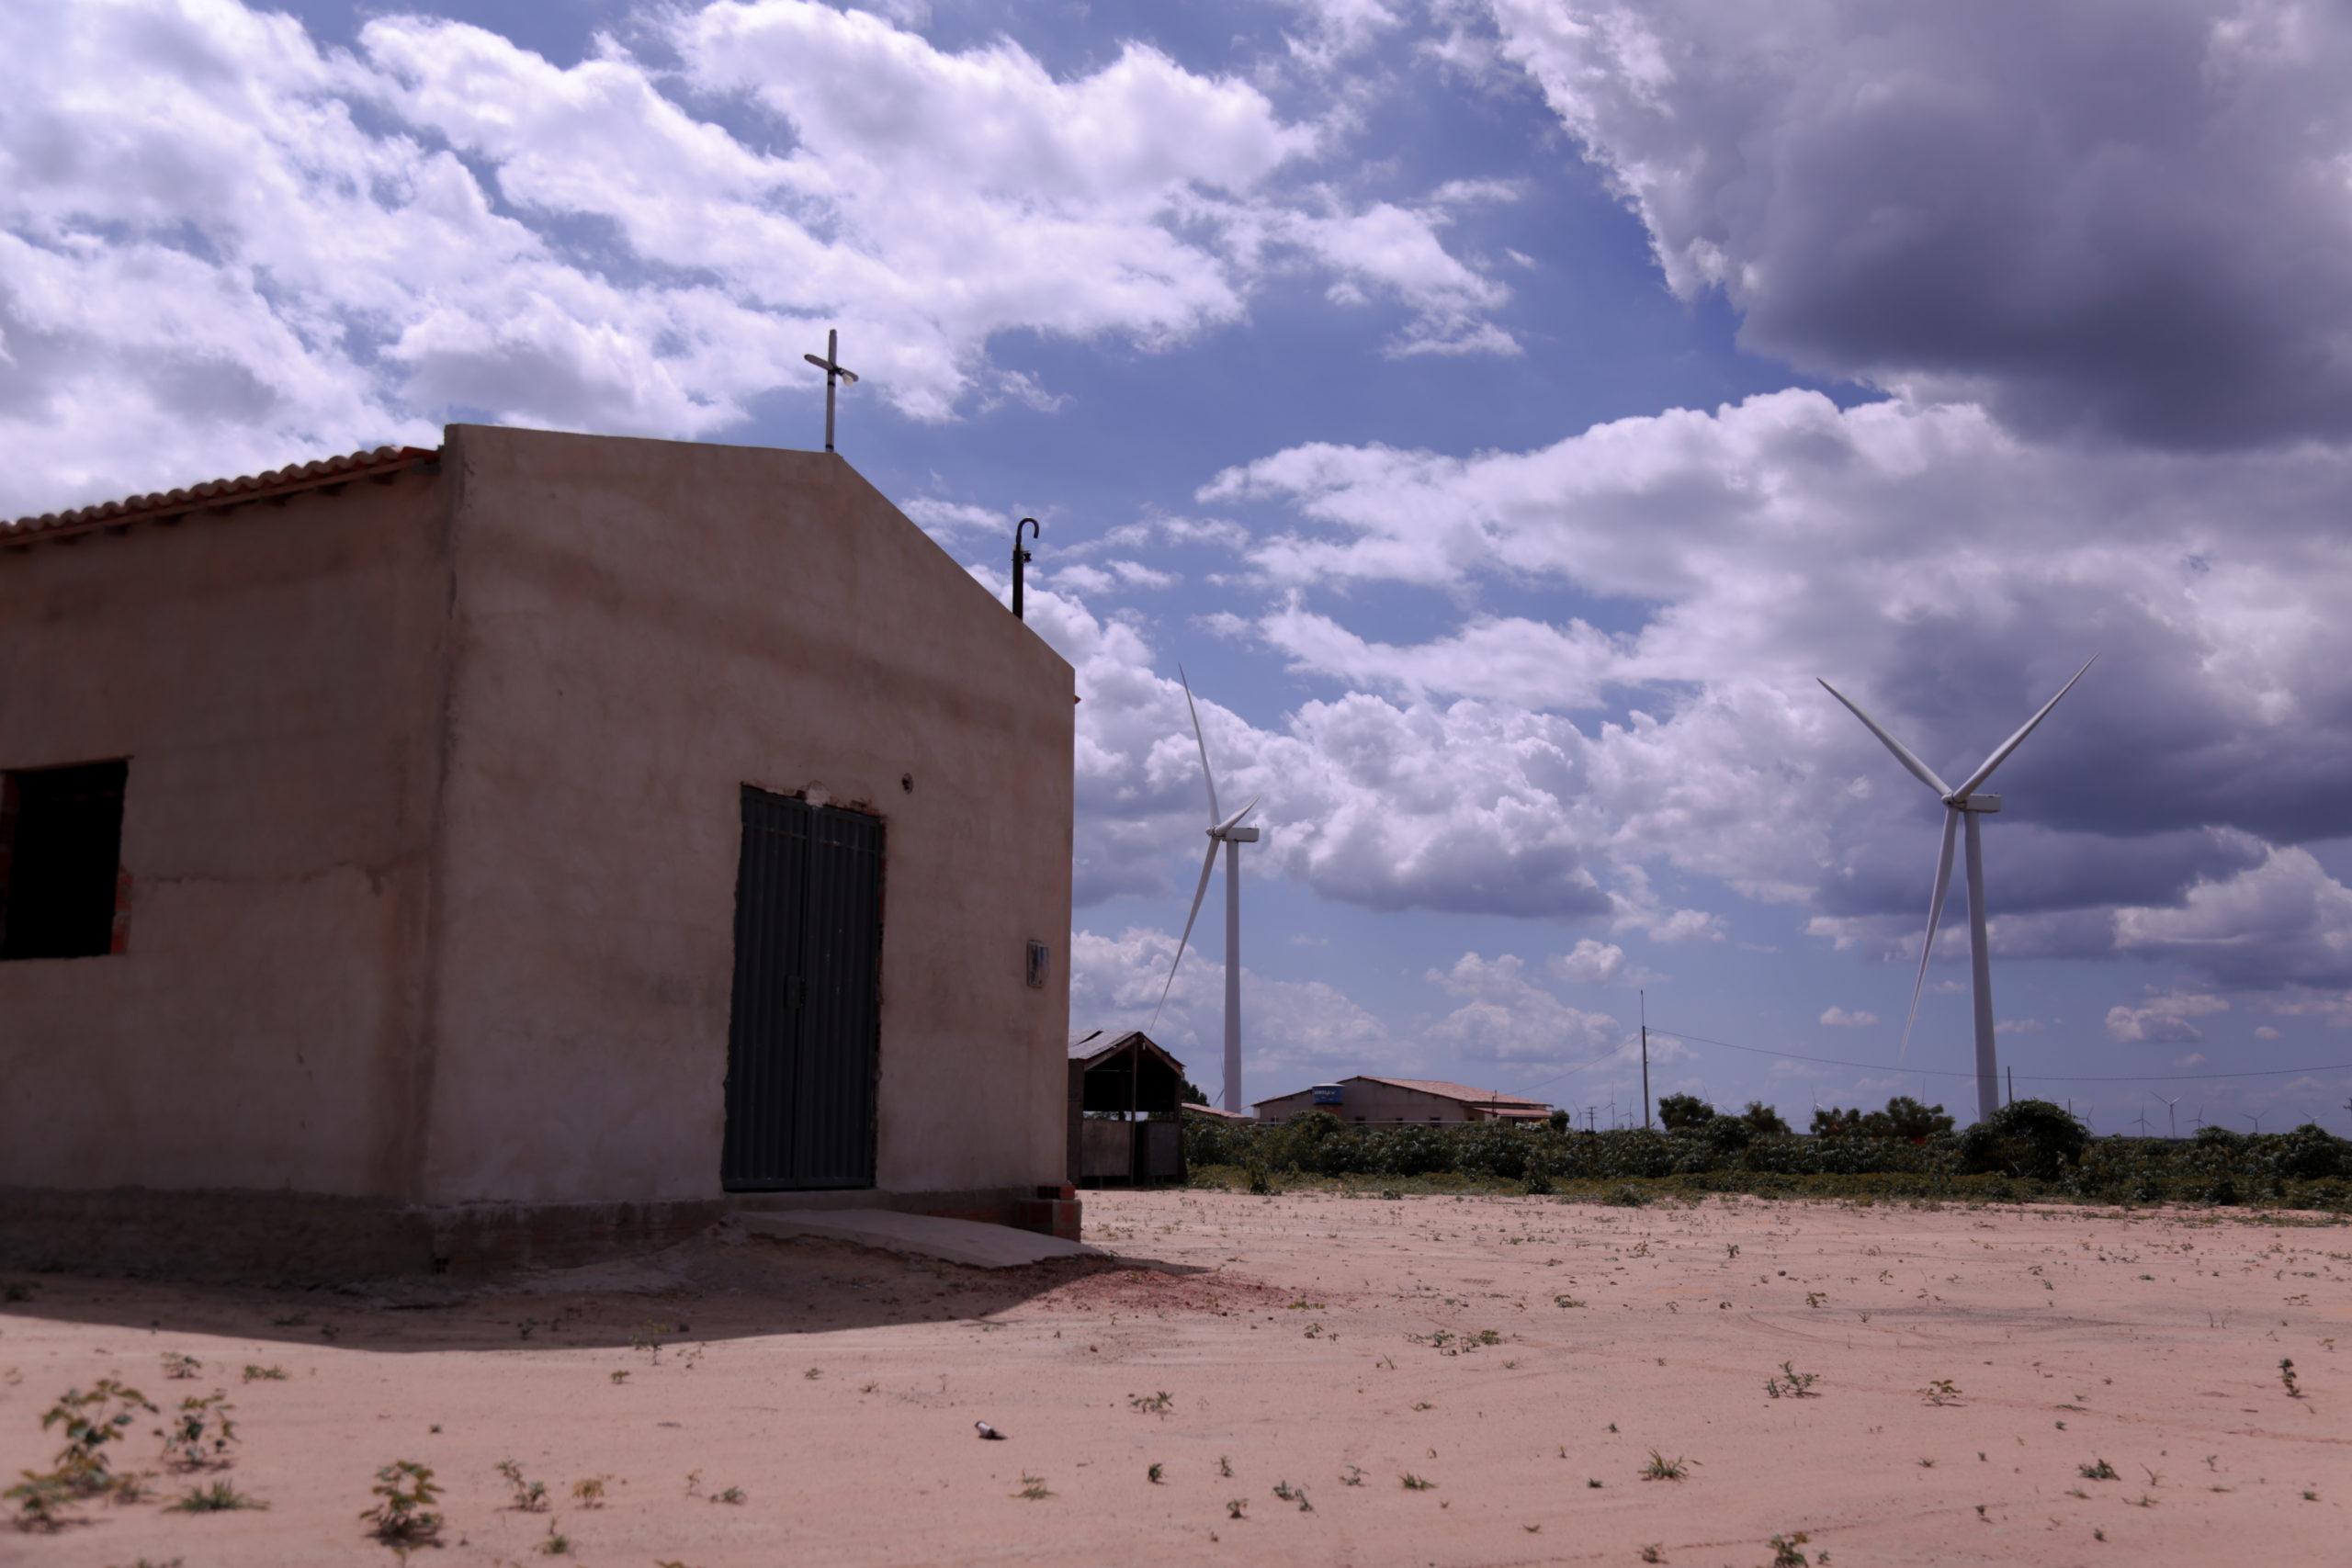 Parque eólico na região da Chapada do Araripe, território que compreende os estados de Pernambuco, Ceará e Piauí. Foto: João Paulo Brito/Conectas